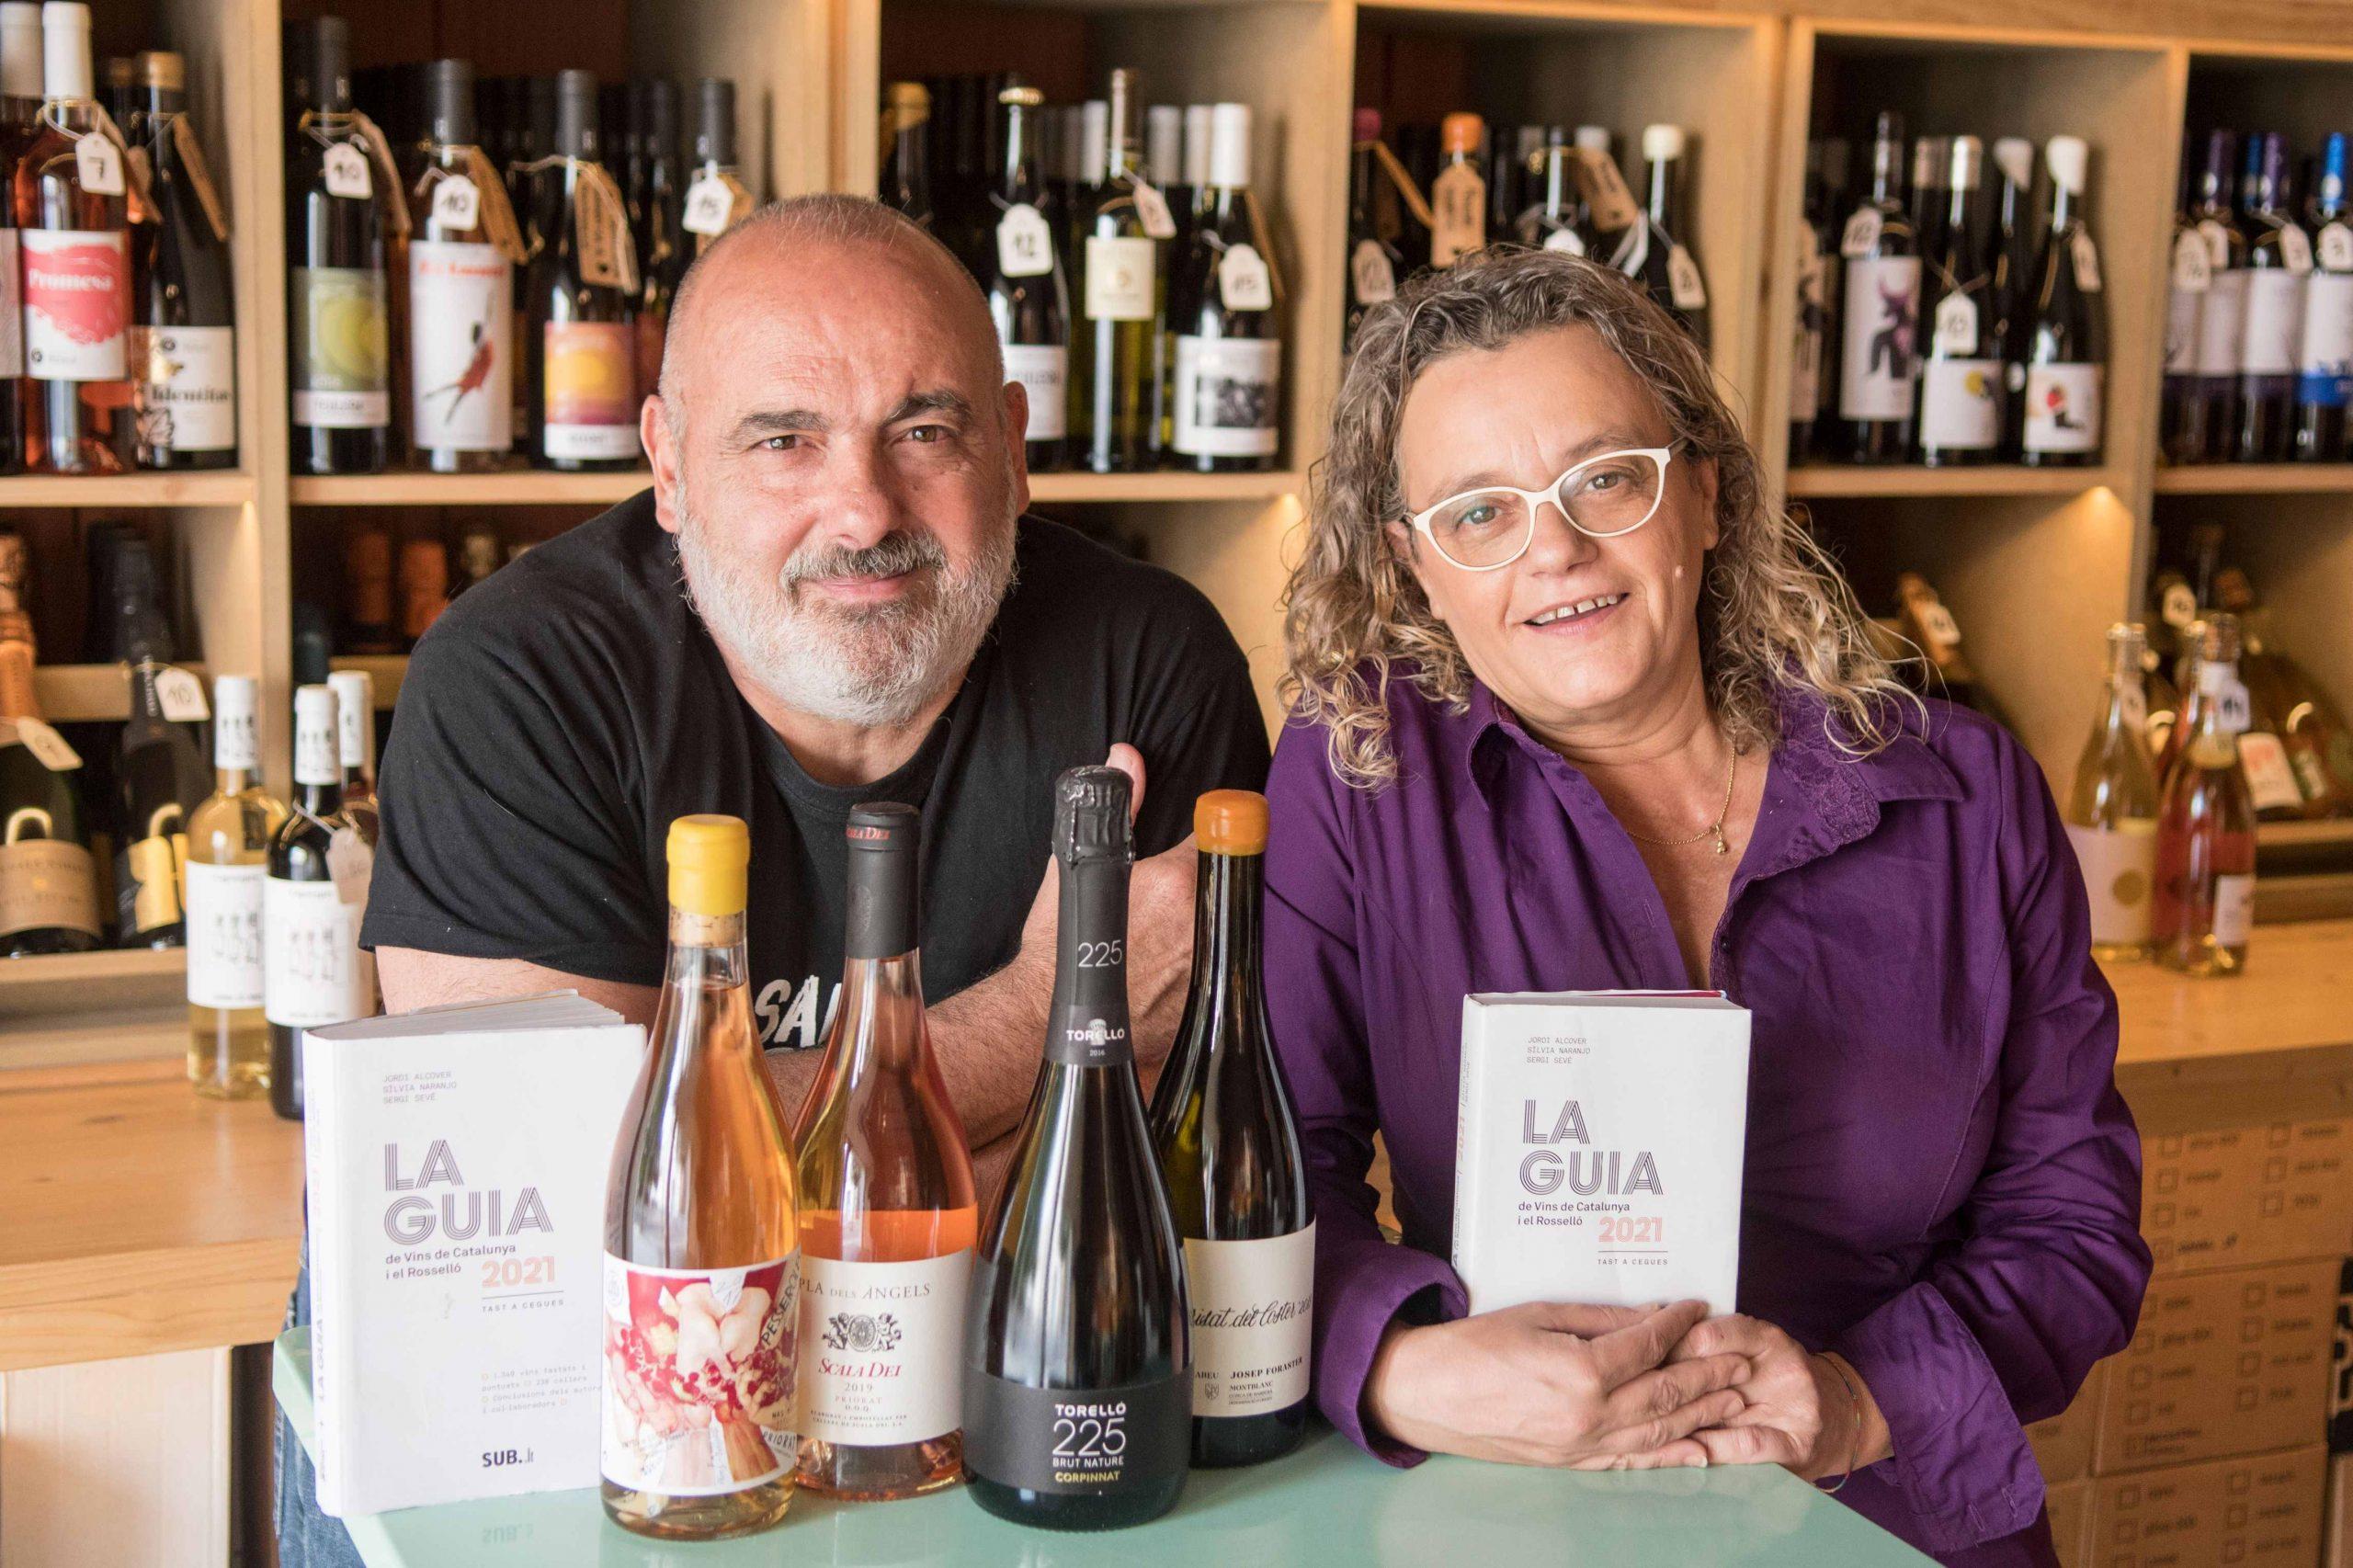 La Guia de Vins de Catalunya dona a conèixer els guanyadors dels Millors Vins de l'Edició 2021